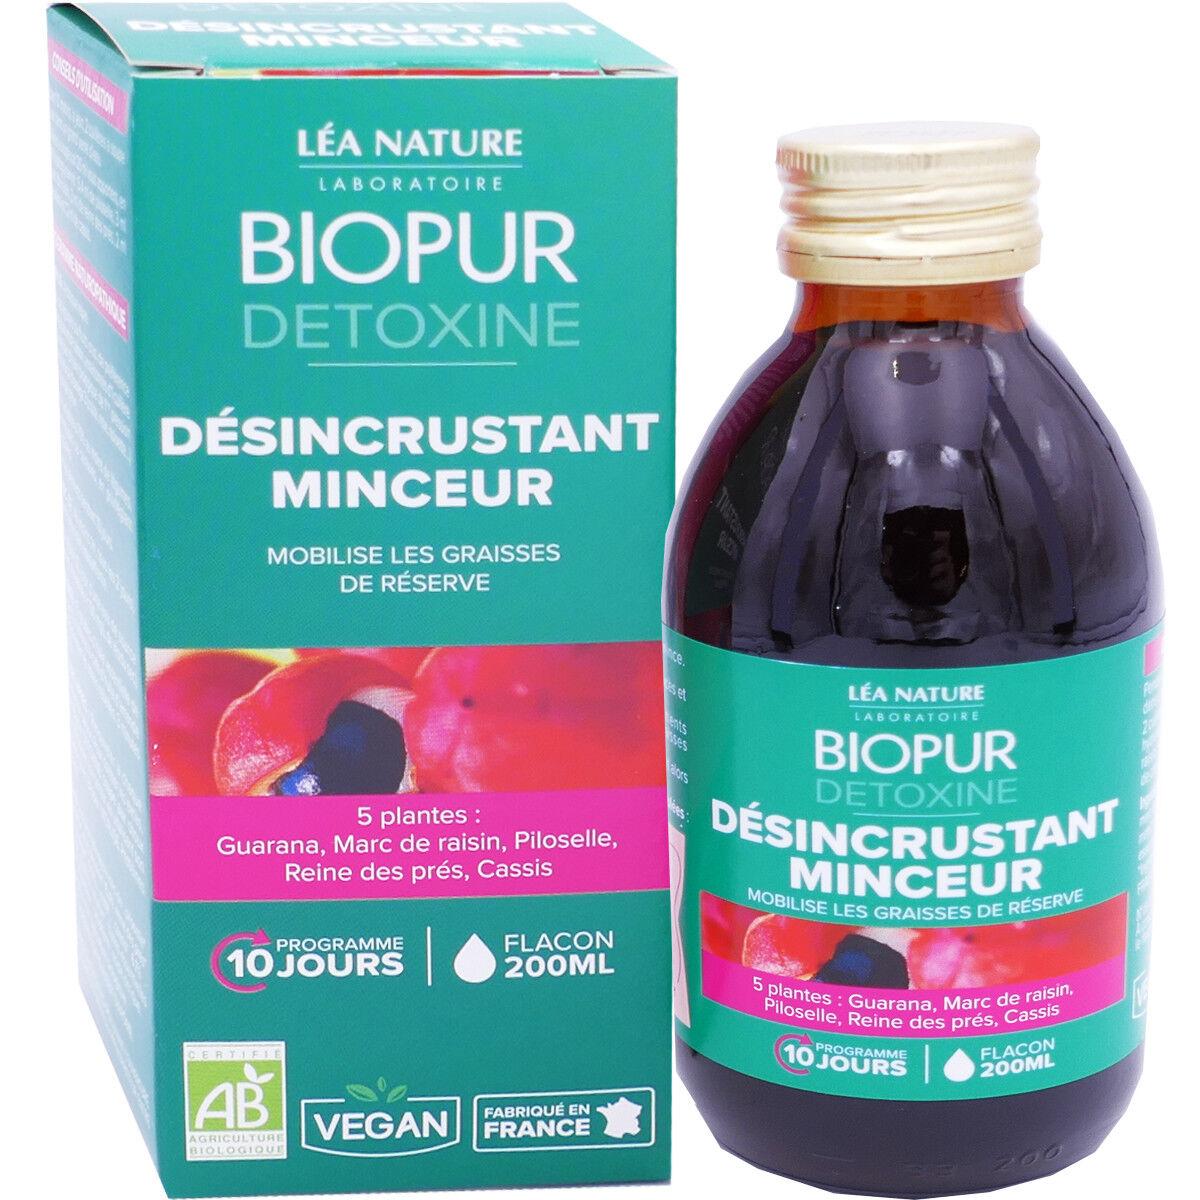 LEA NATURE Biopur dÉsincrustant minceur 200 ml bio